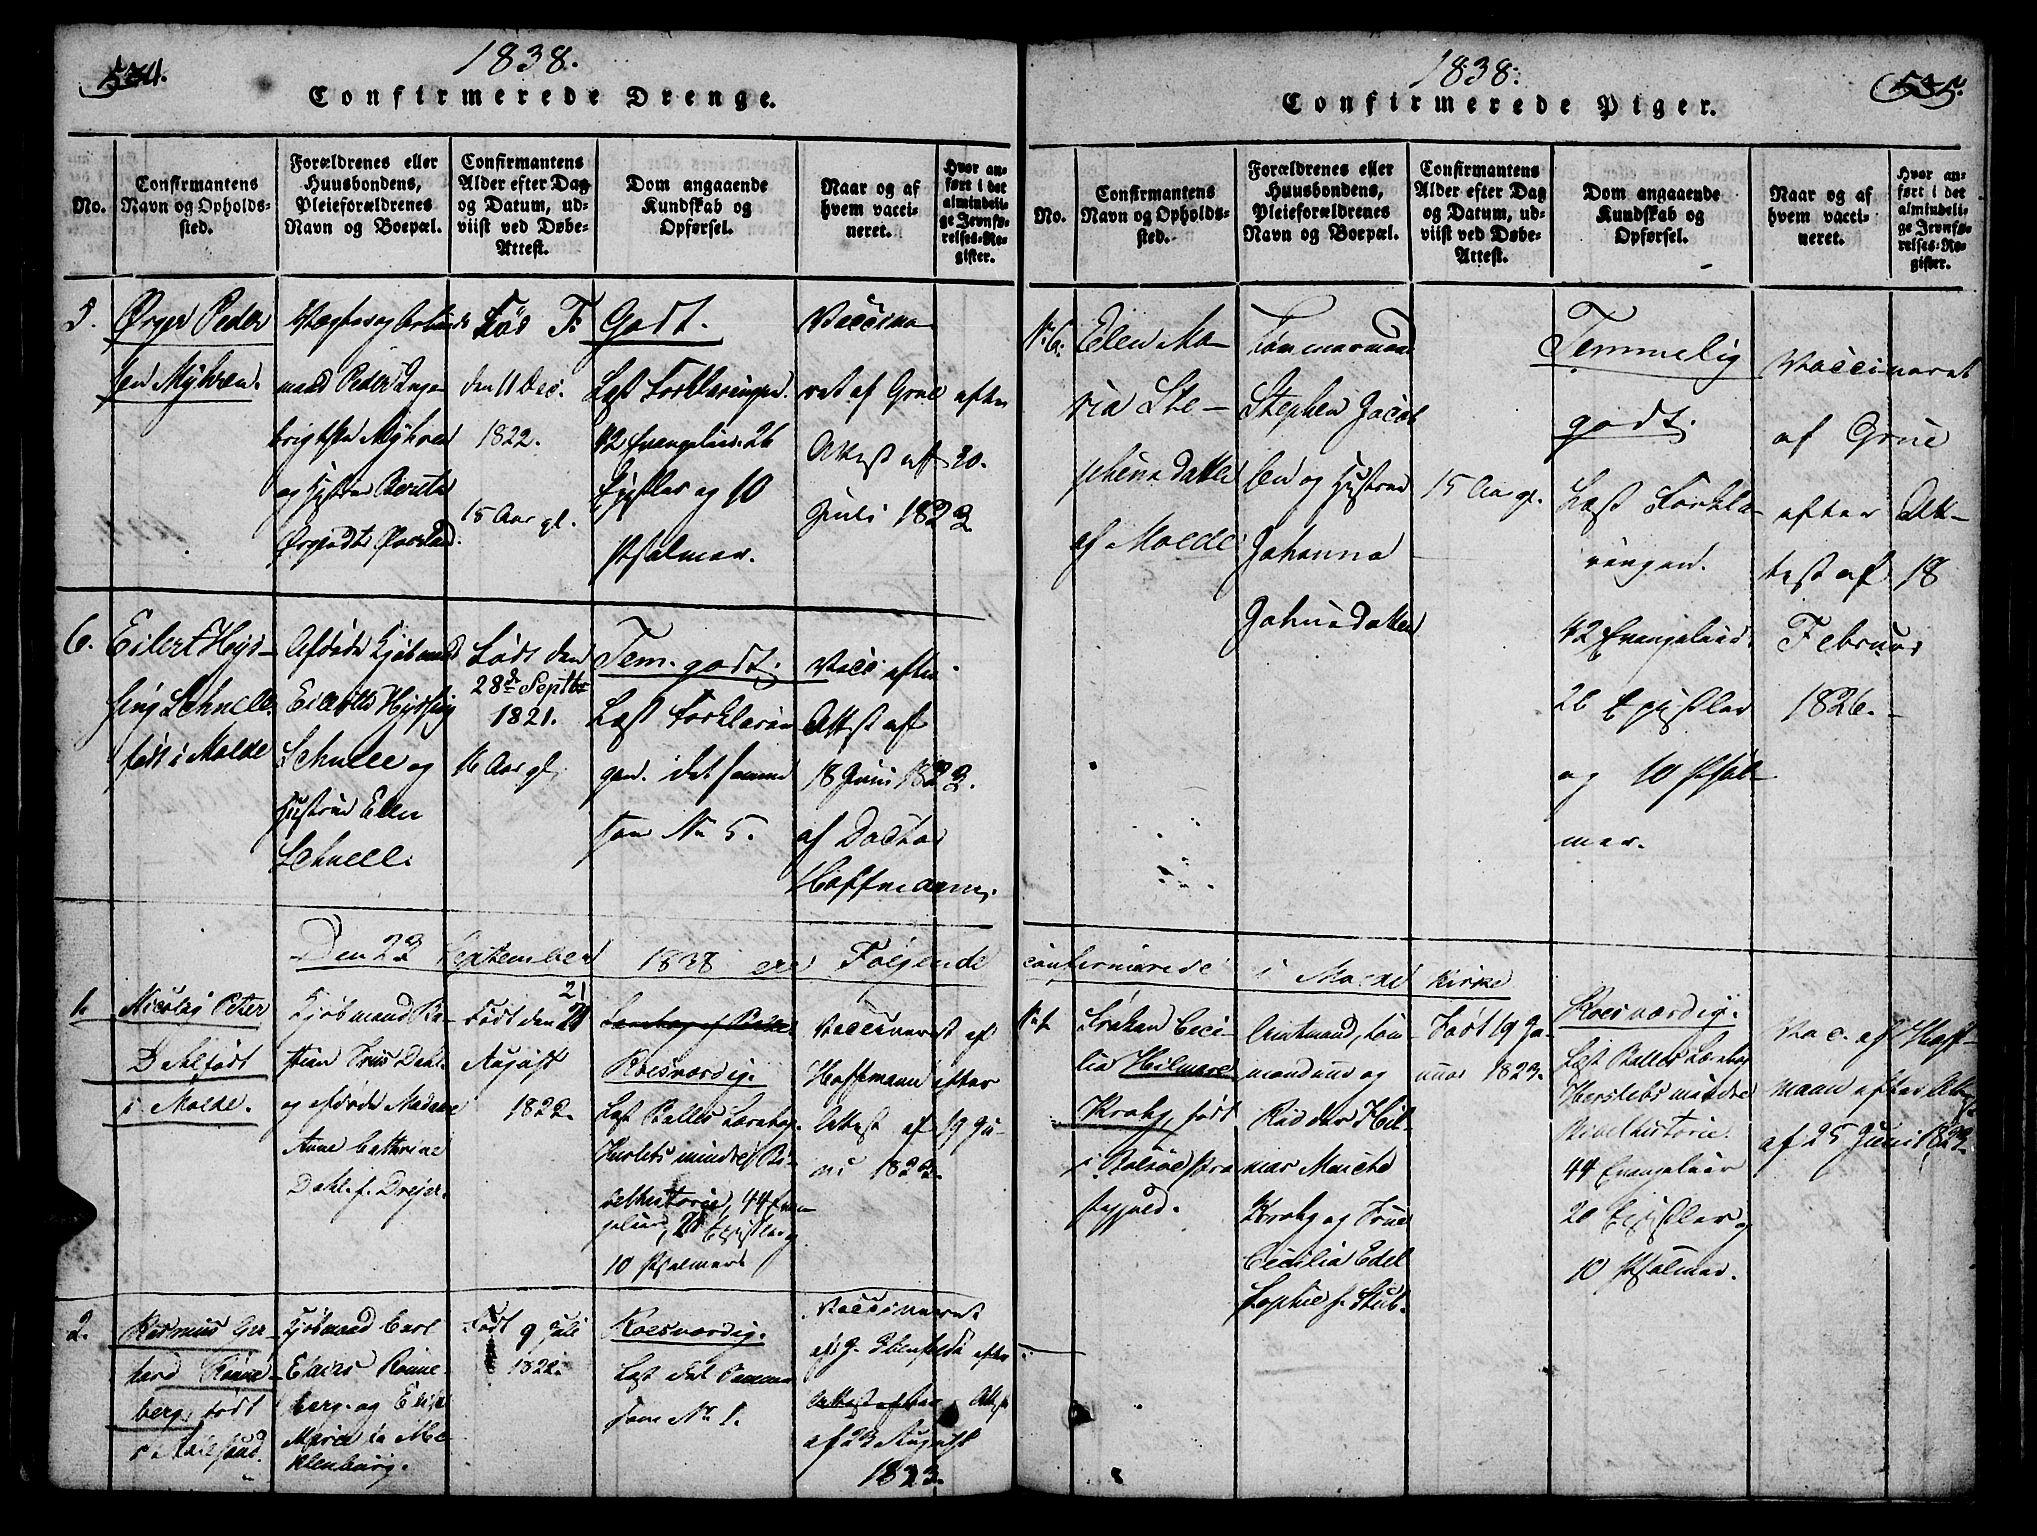 SAT, Ministerialprotokoller, klokkerbøker og fødselsregistre - Møre og Romsdal, 558/L0688: Ministerialbok nr. 558A02, 1818-1843, s. 534-535